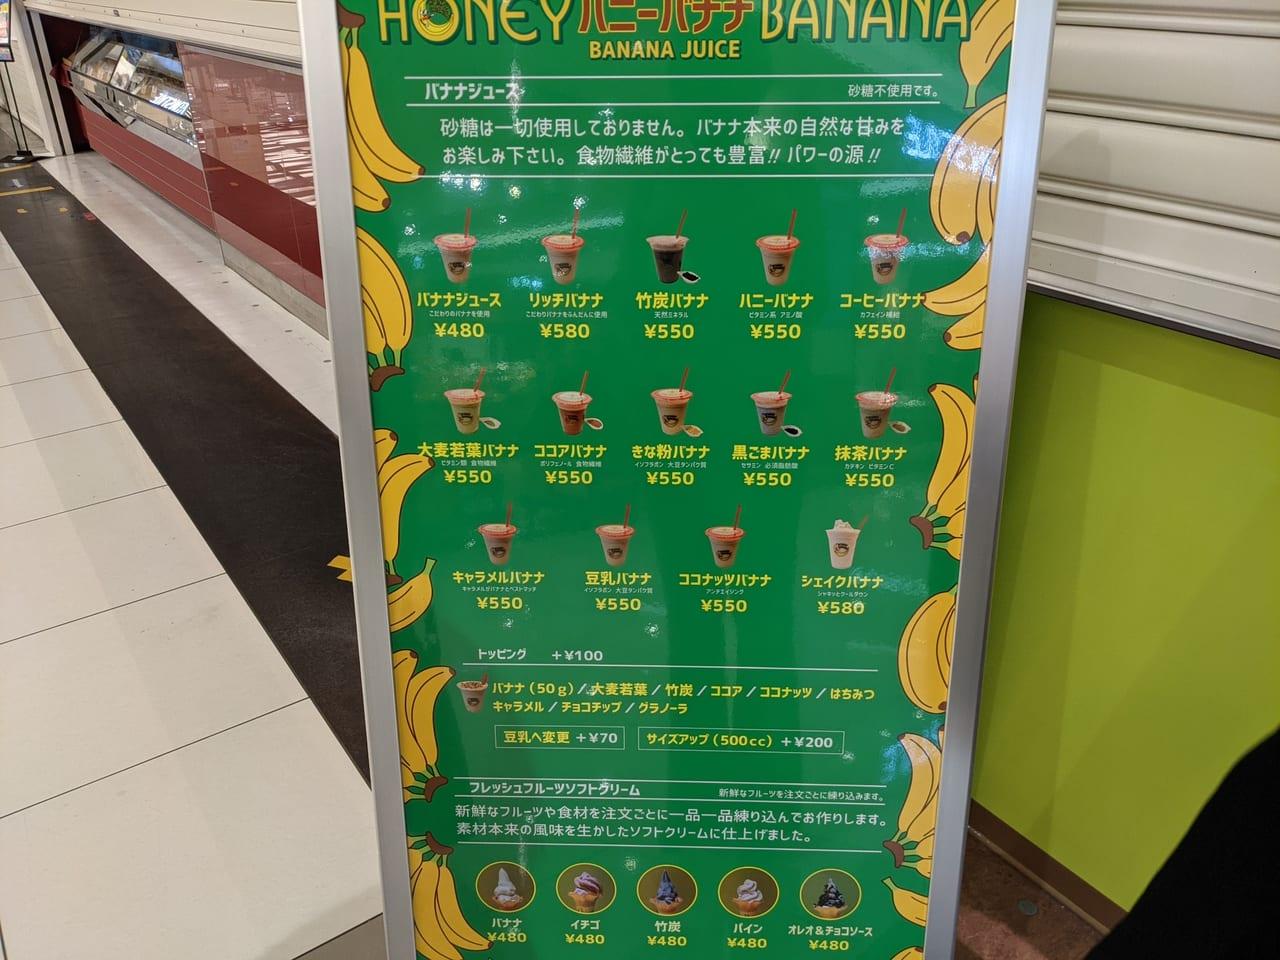 ハニーバナナ